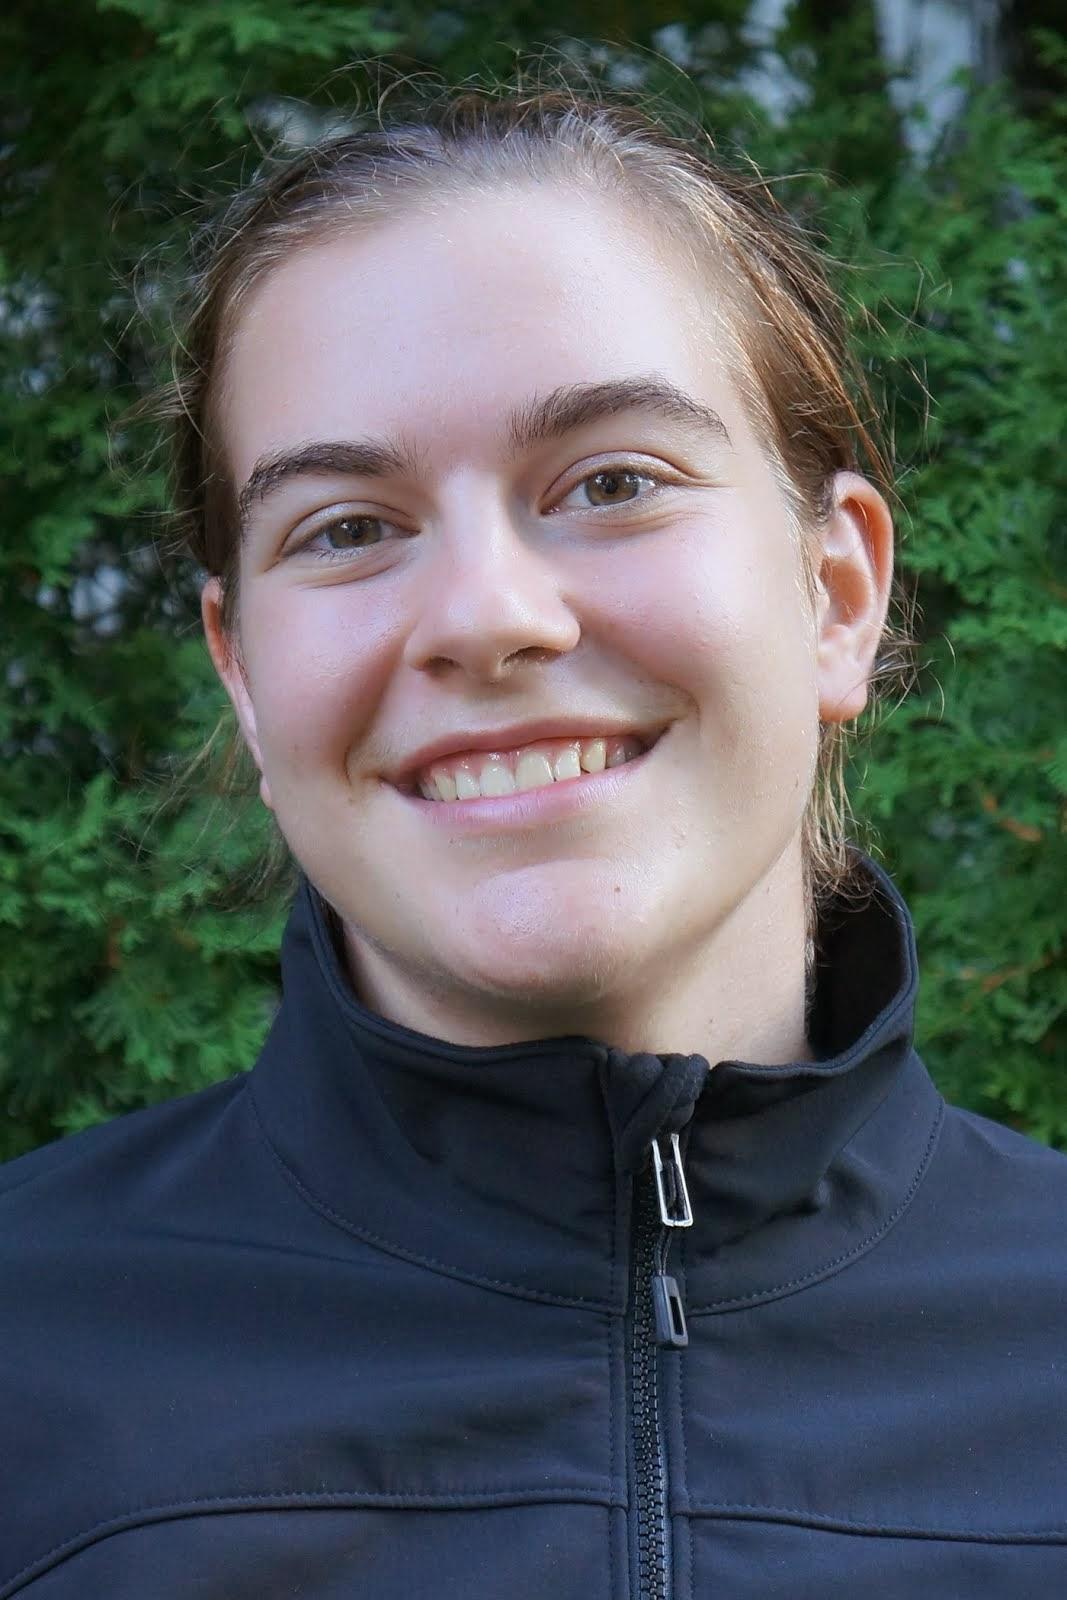 '15 Jenna Maddock